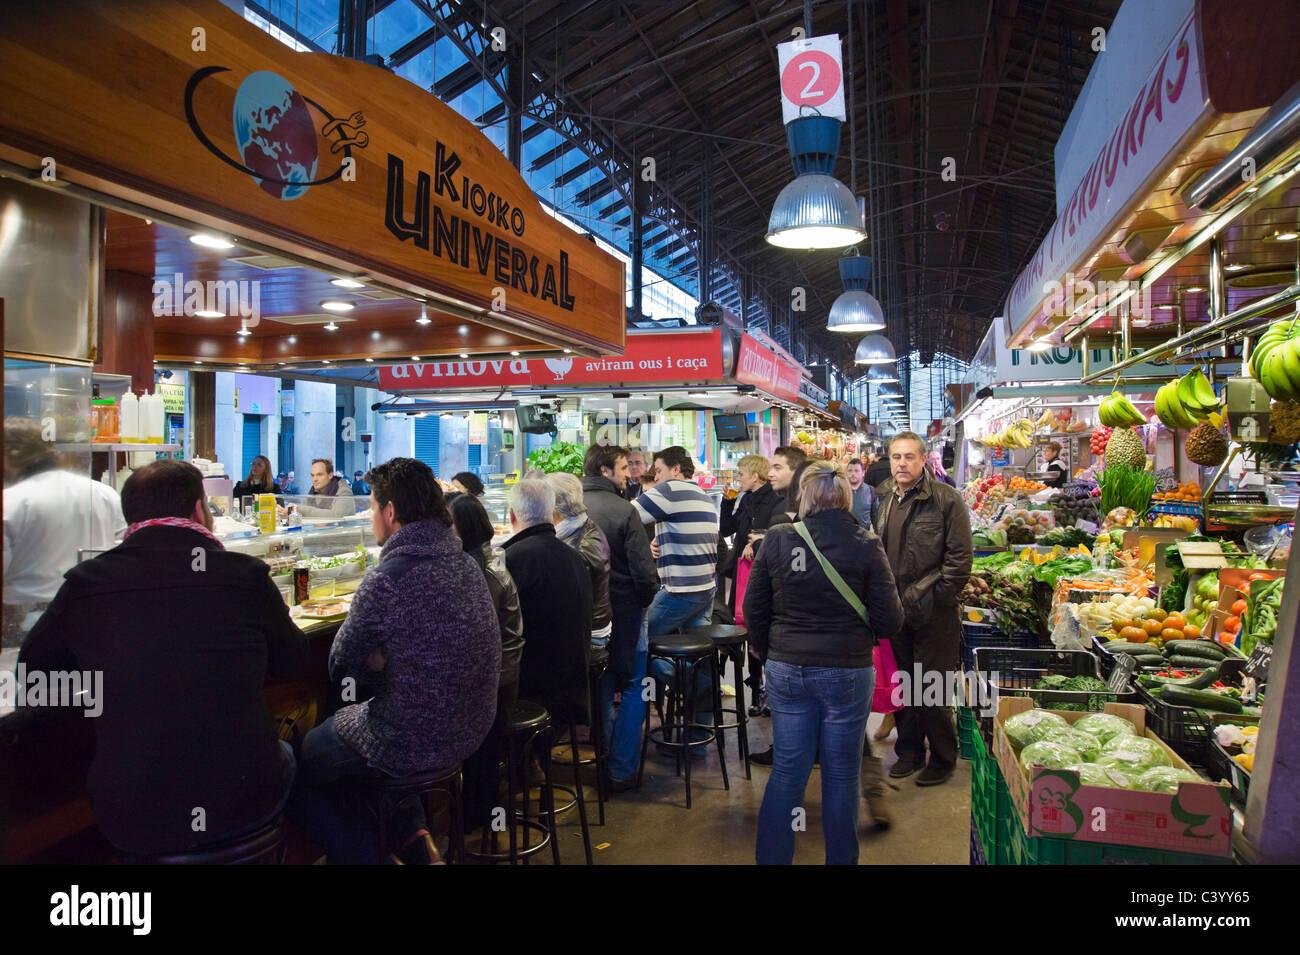 Snack bar in La Boqueria public market, La Rambla (Las Ramblas), Barcelona, Catalunya, Spain Stock Photo